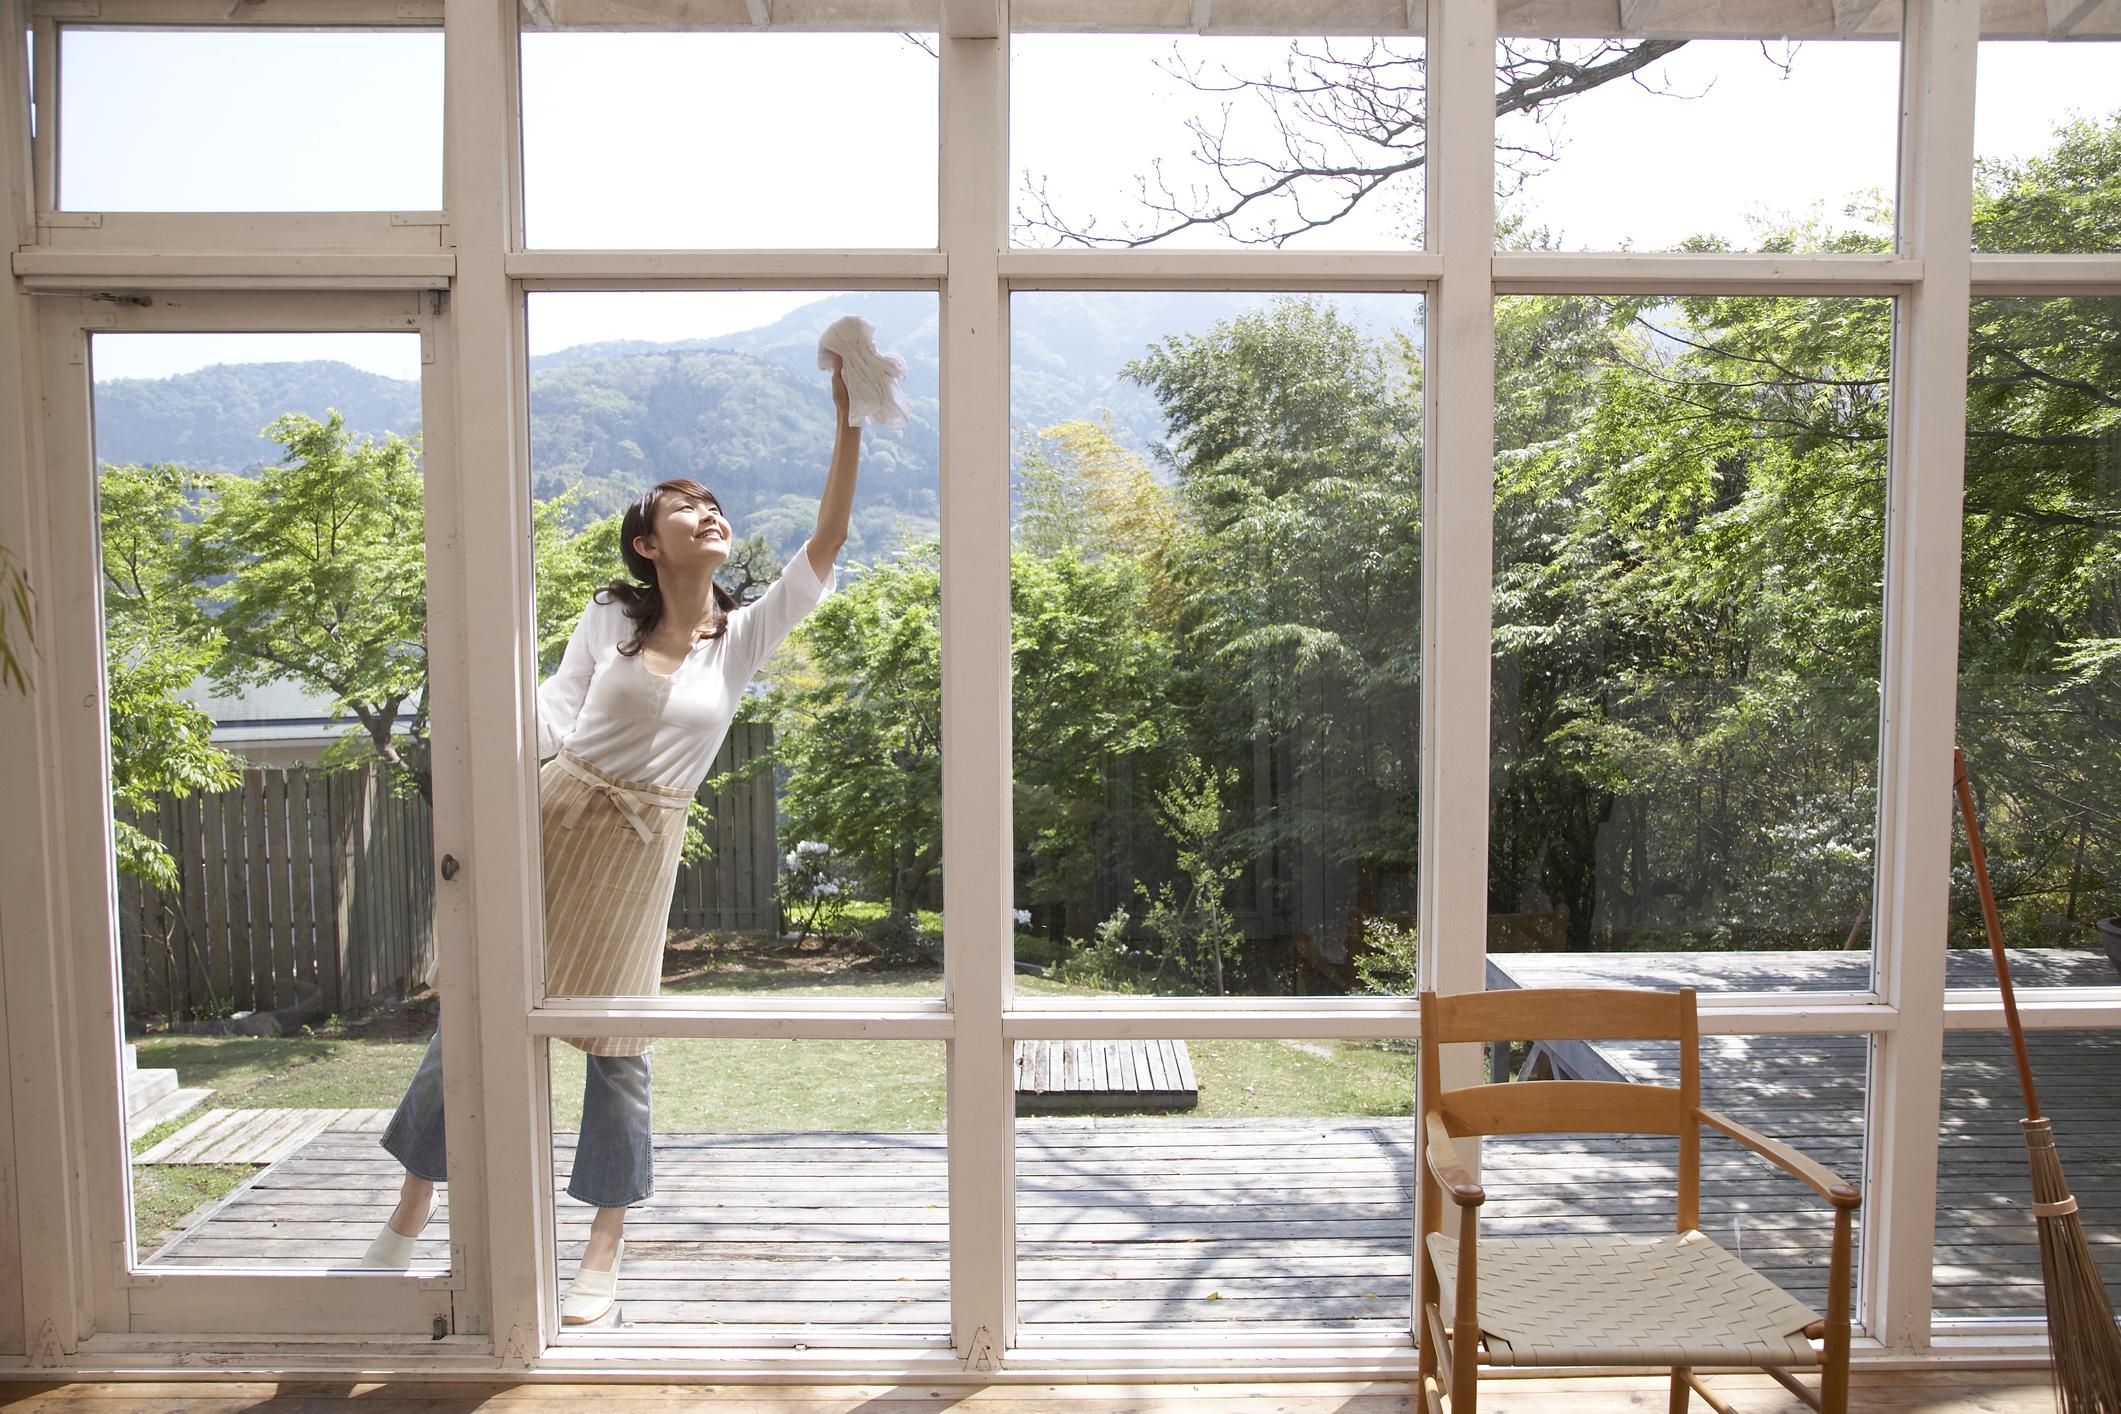 И разбира се, няма как без това - трябва да бъдат измити прозорците, а заедно с тях - да бъдат изпрани пердетата.